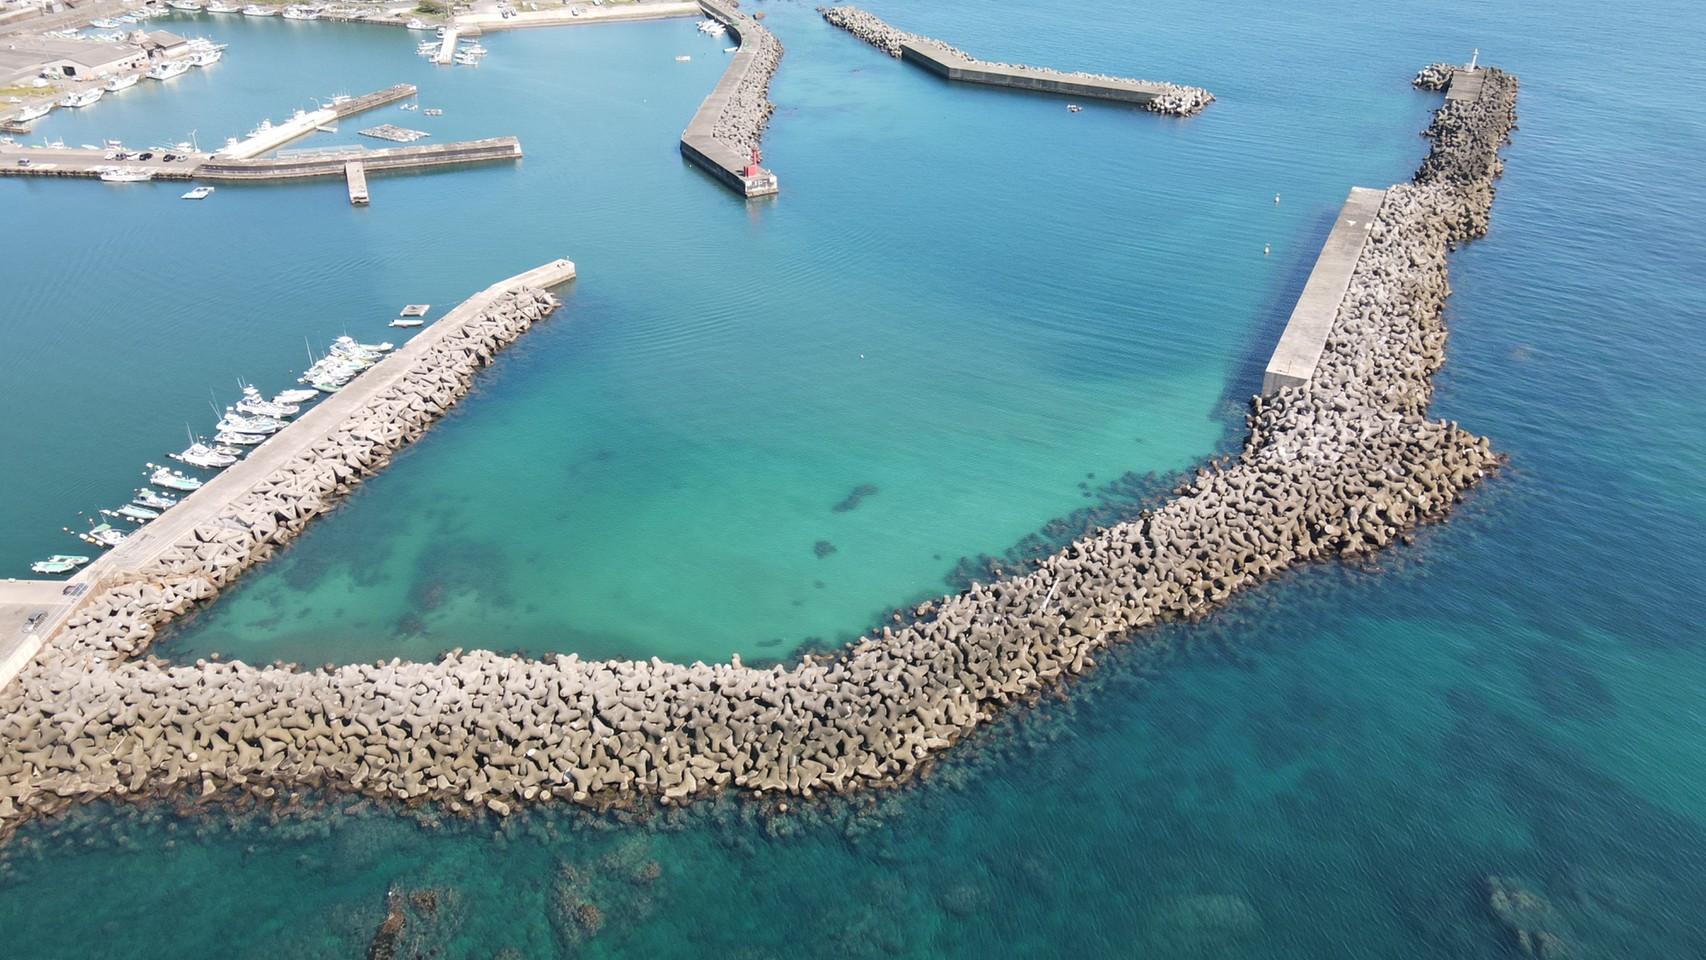 【三重県志摩市】『和具漁港』の海釣りガイド(釣れる魚・駐車場・トイレ)